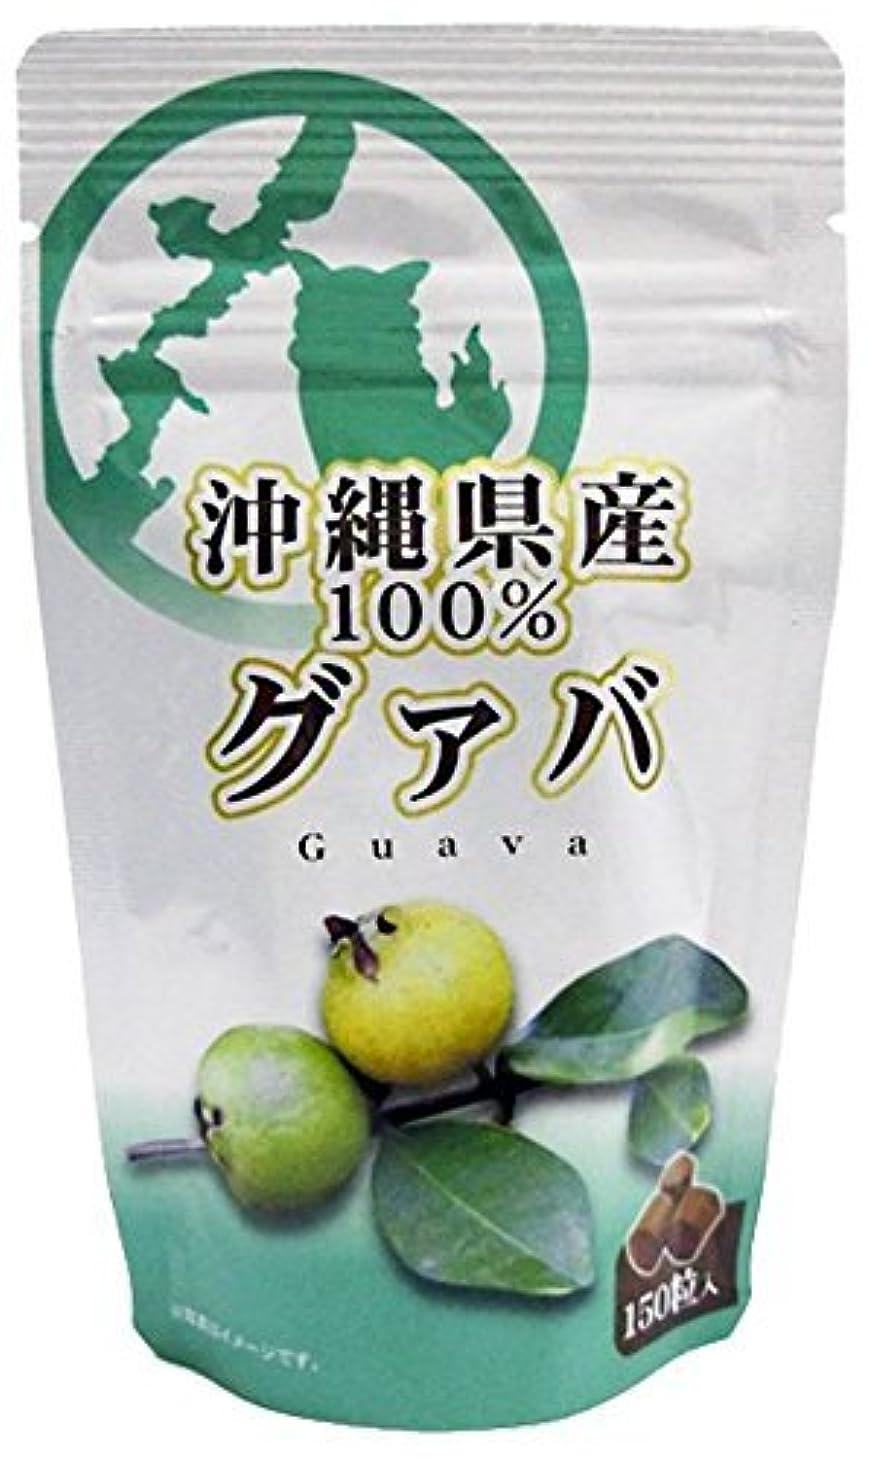 似ているバレーボール平等比嘉製茶 沖縄県産 グァバ粒 15g (100mg×150粒) ×1袋